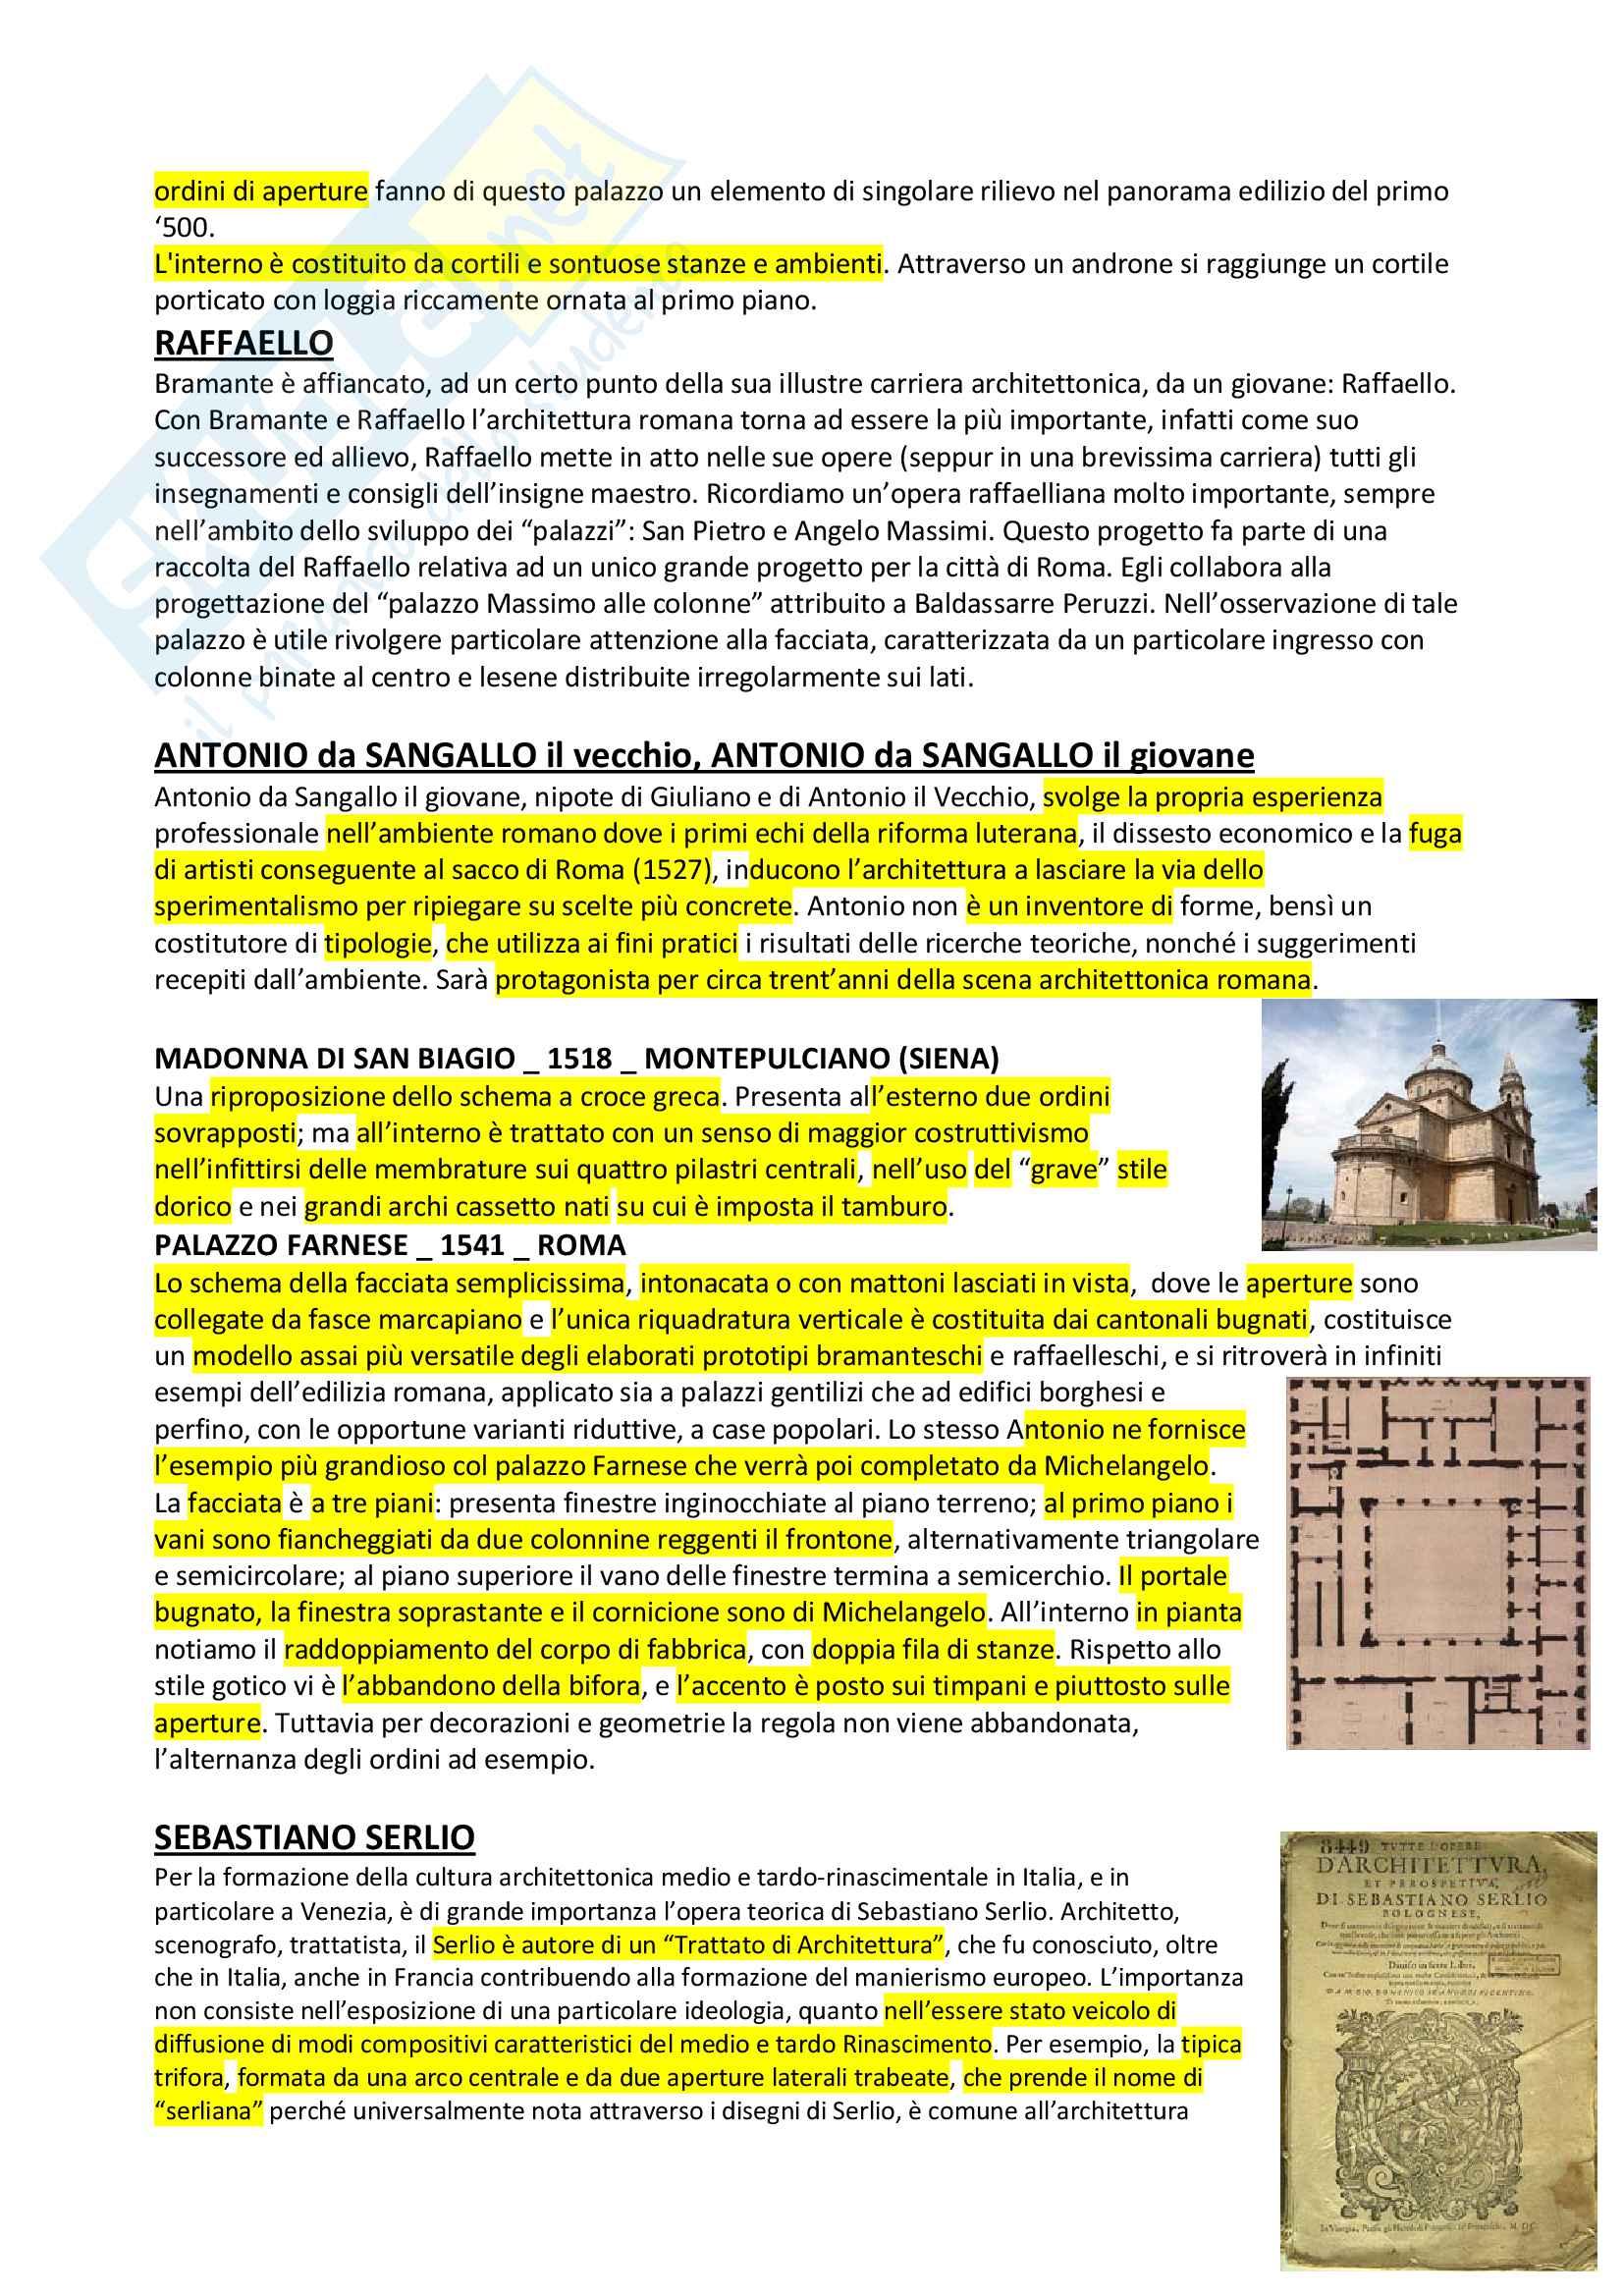 Appunti completi Storia dell'architettura 1+ Immagini Pag. 71